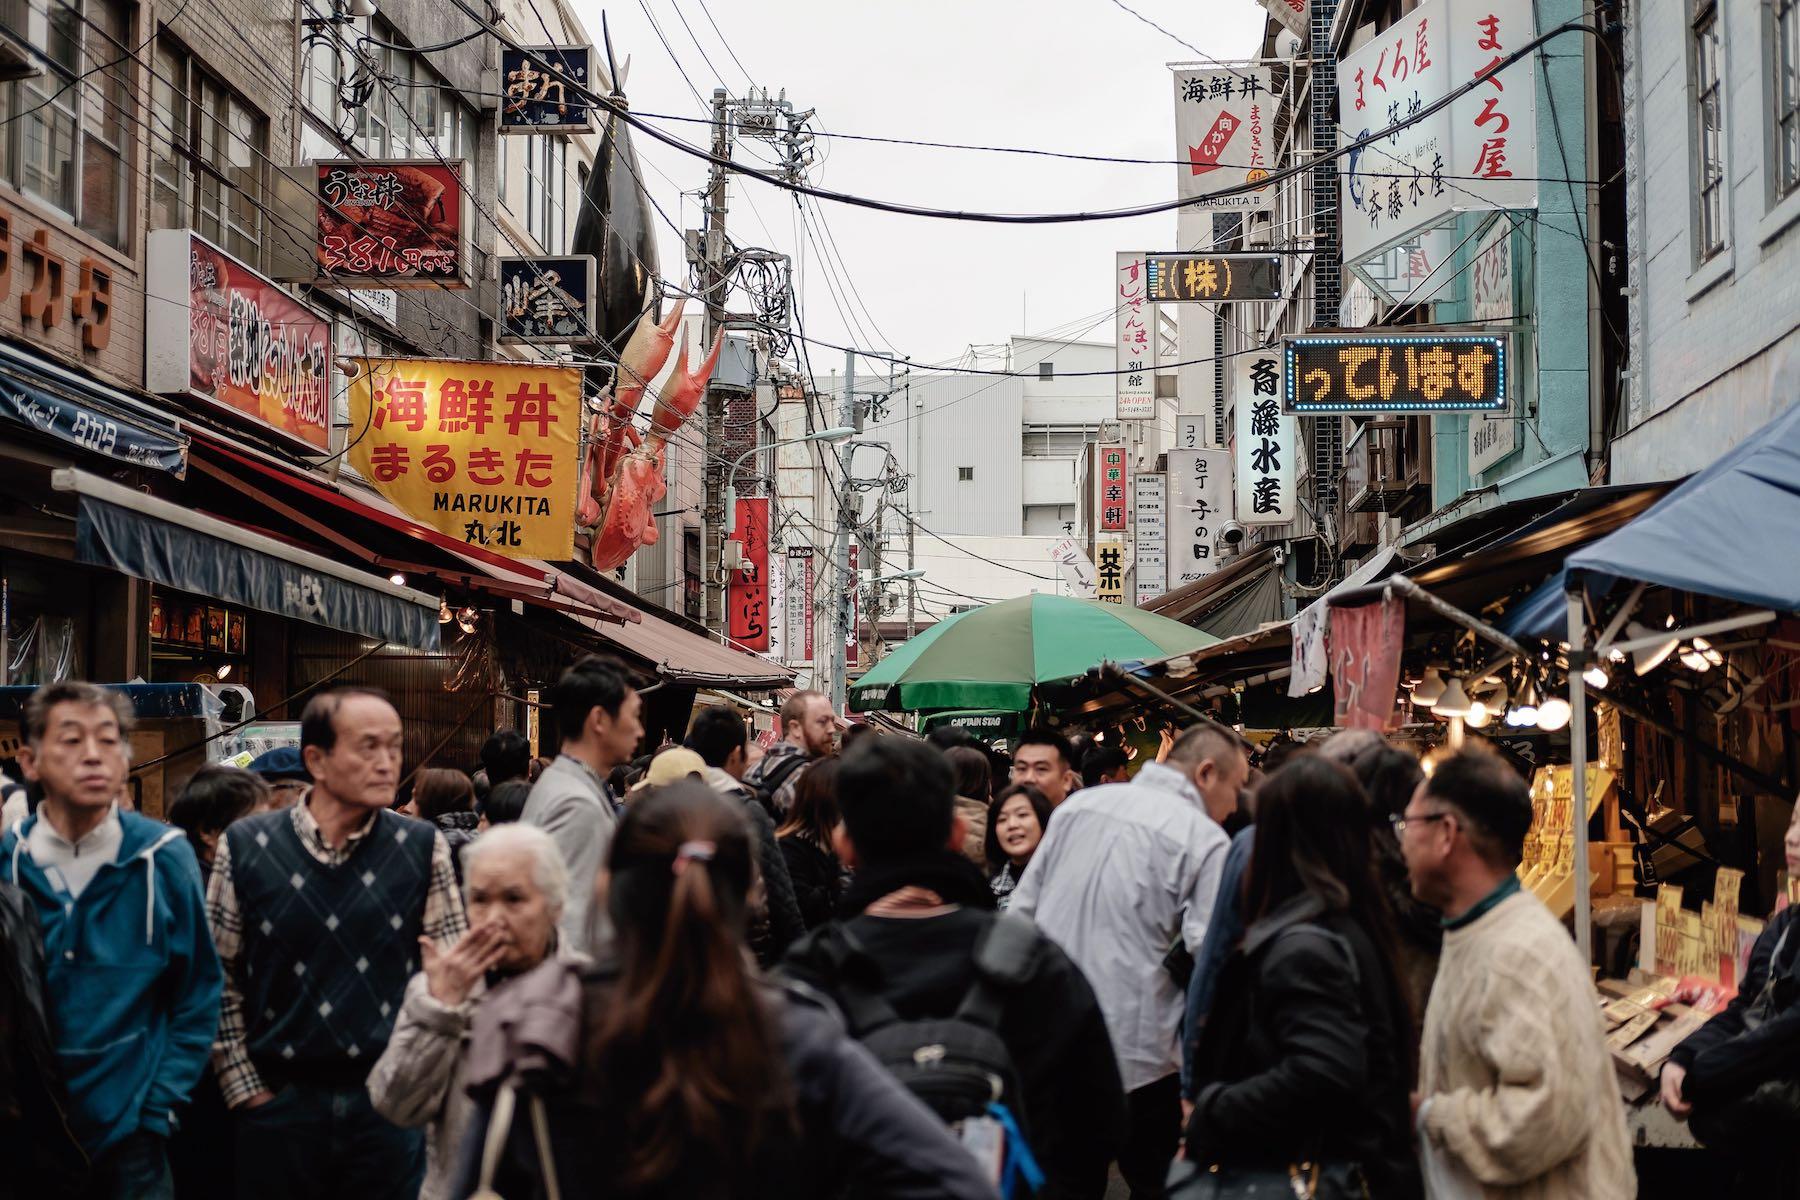 06102019_nota-tsukiji monstruo marino Leng Cheng.jpg